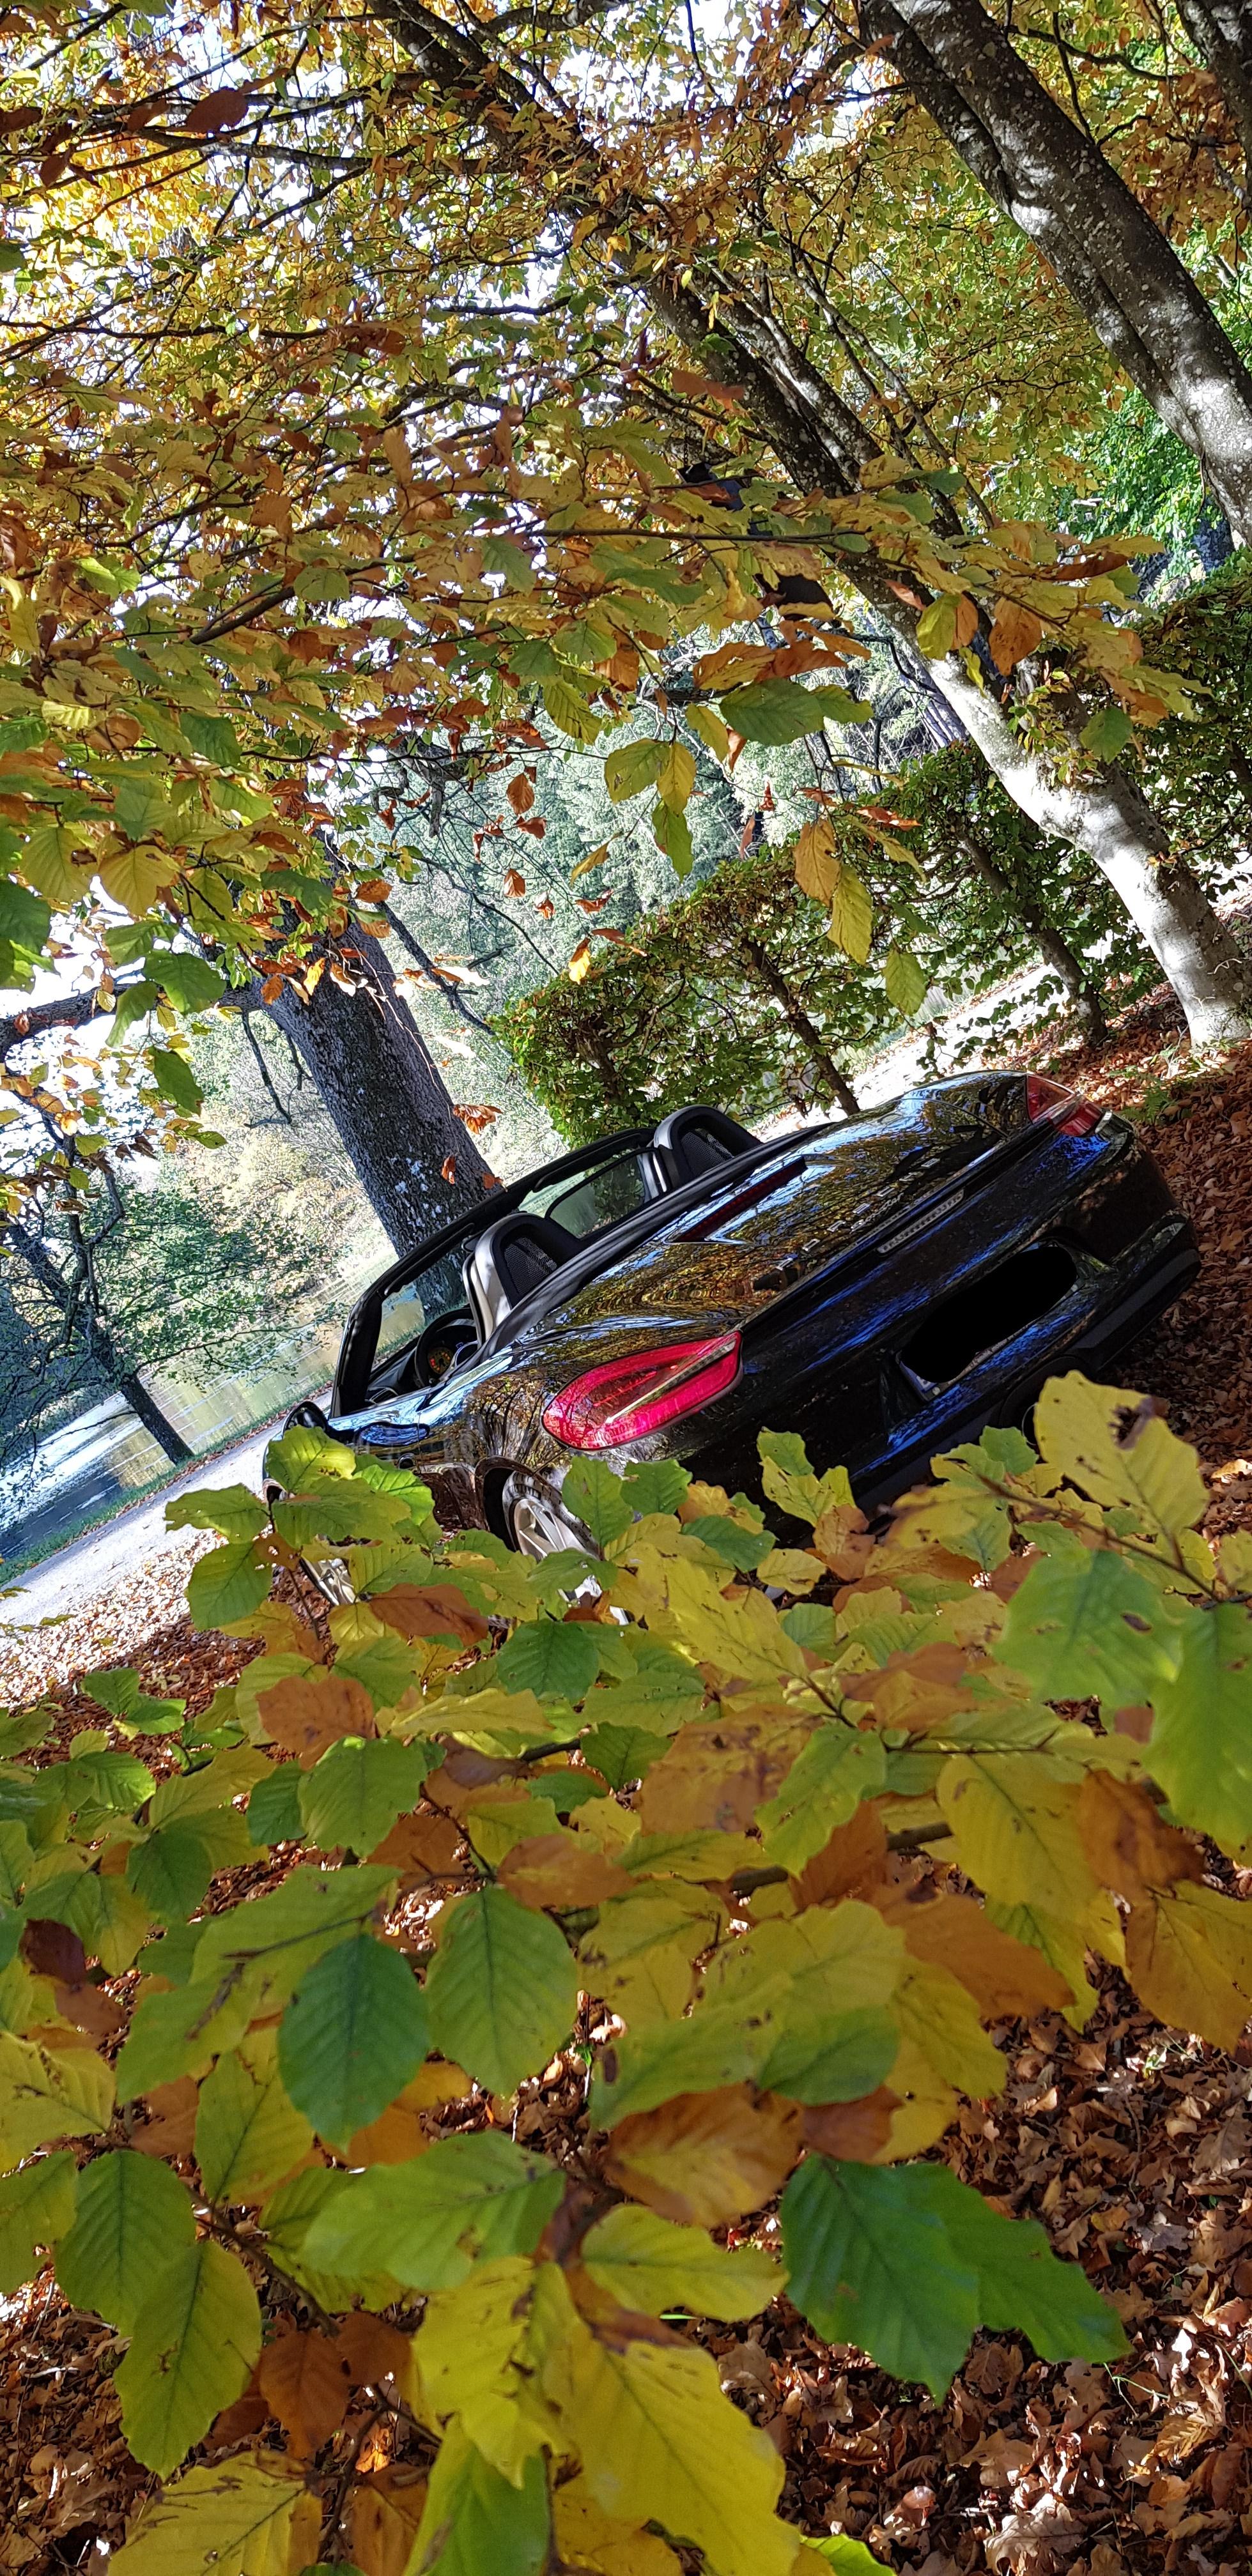 L'automne - Page 3 181028104510562272